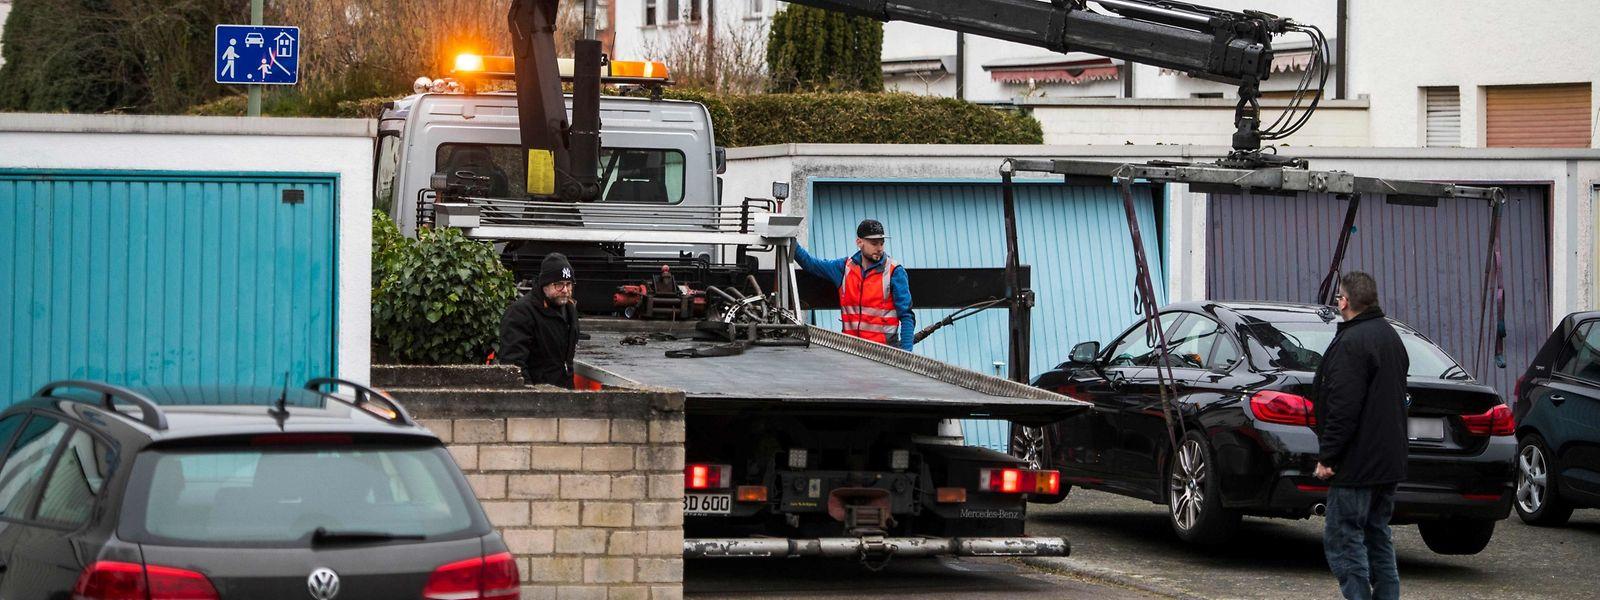 Les enquêteurs ont retrouvé dans la voiture du tueur présumé, Tobias R. des munitions et des chargeurs. Il détenait un permis de chasse.